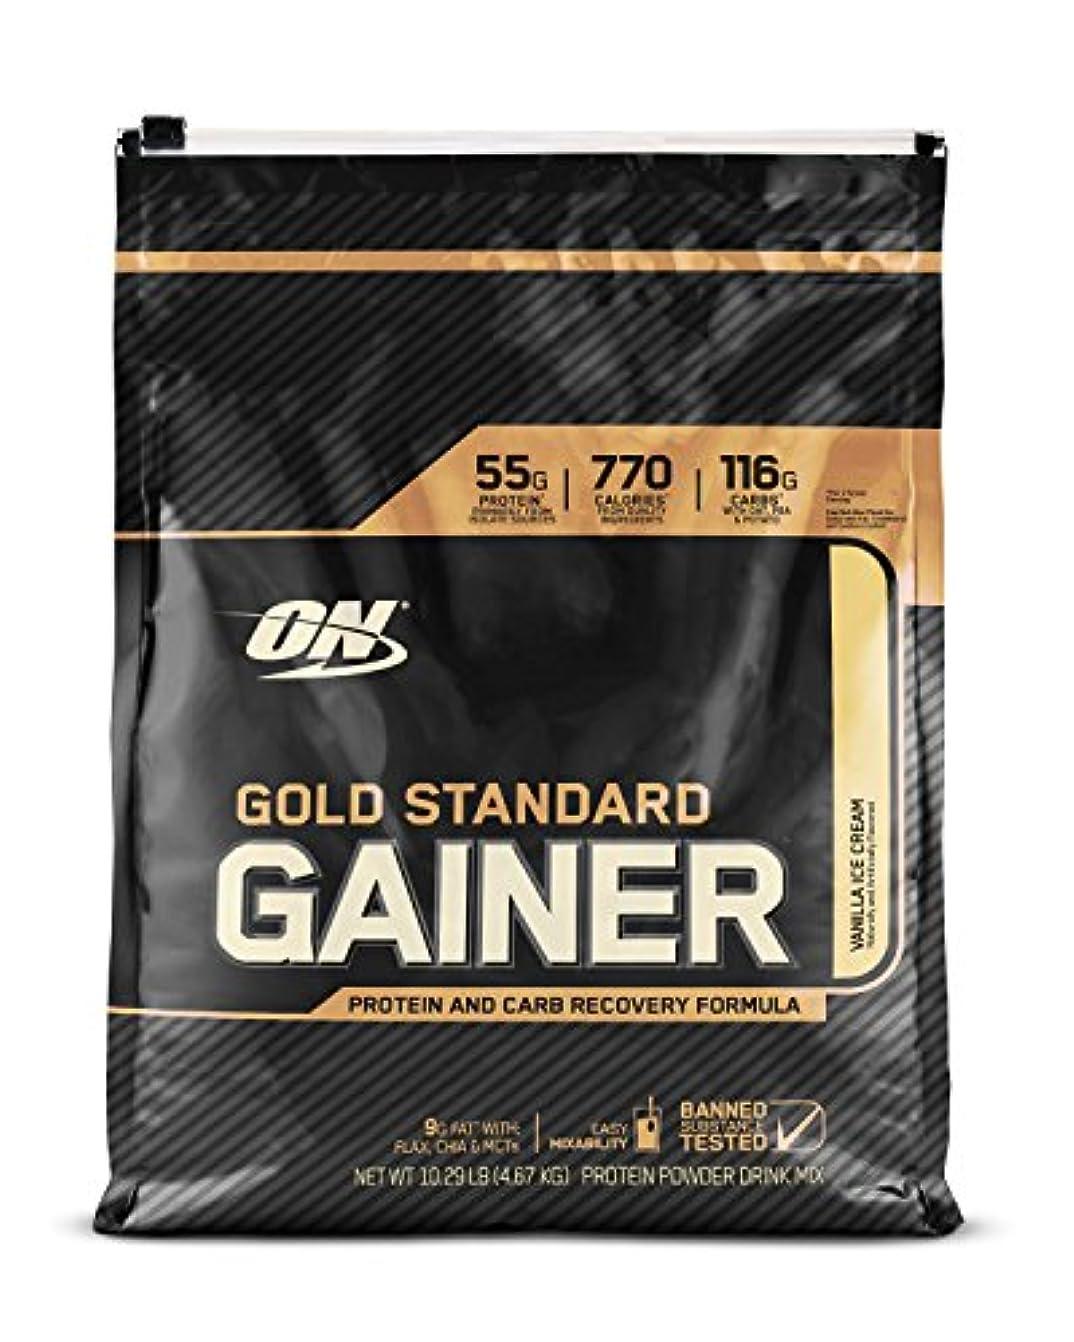 置き場死の顎コジオスコゴールドスタンダード ゲイナー 10LB バニラアイスクリーム (Gold Standard Gainer 10LB Vanilla Ice Cream) [海外直送品] [並行輸入品]